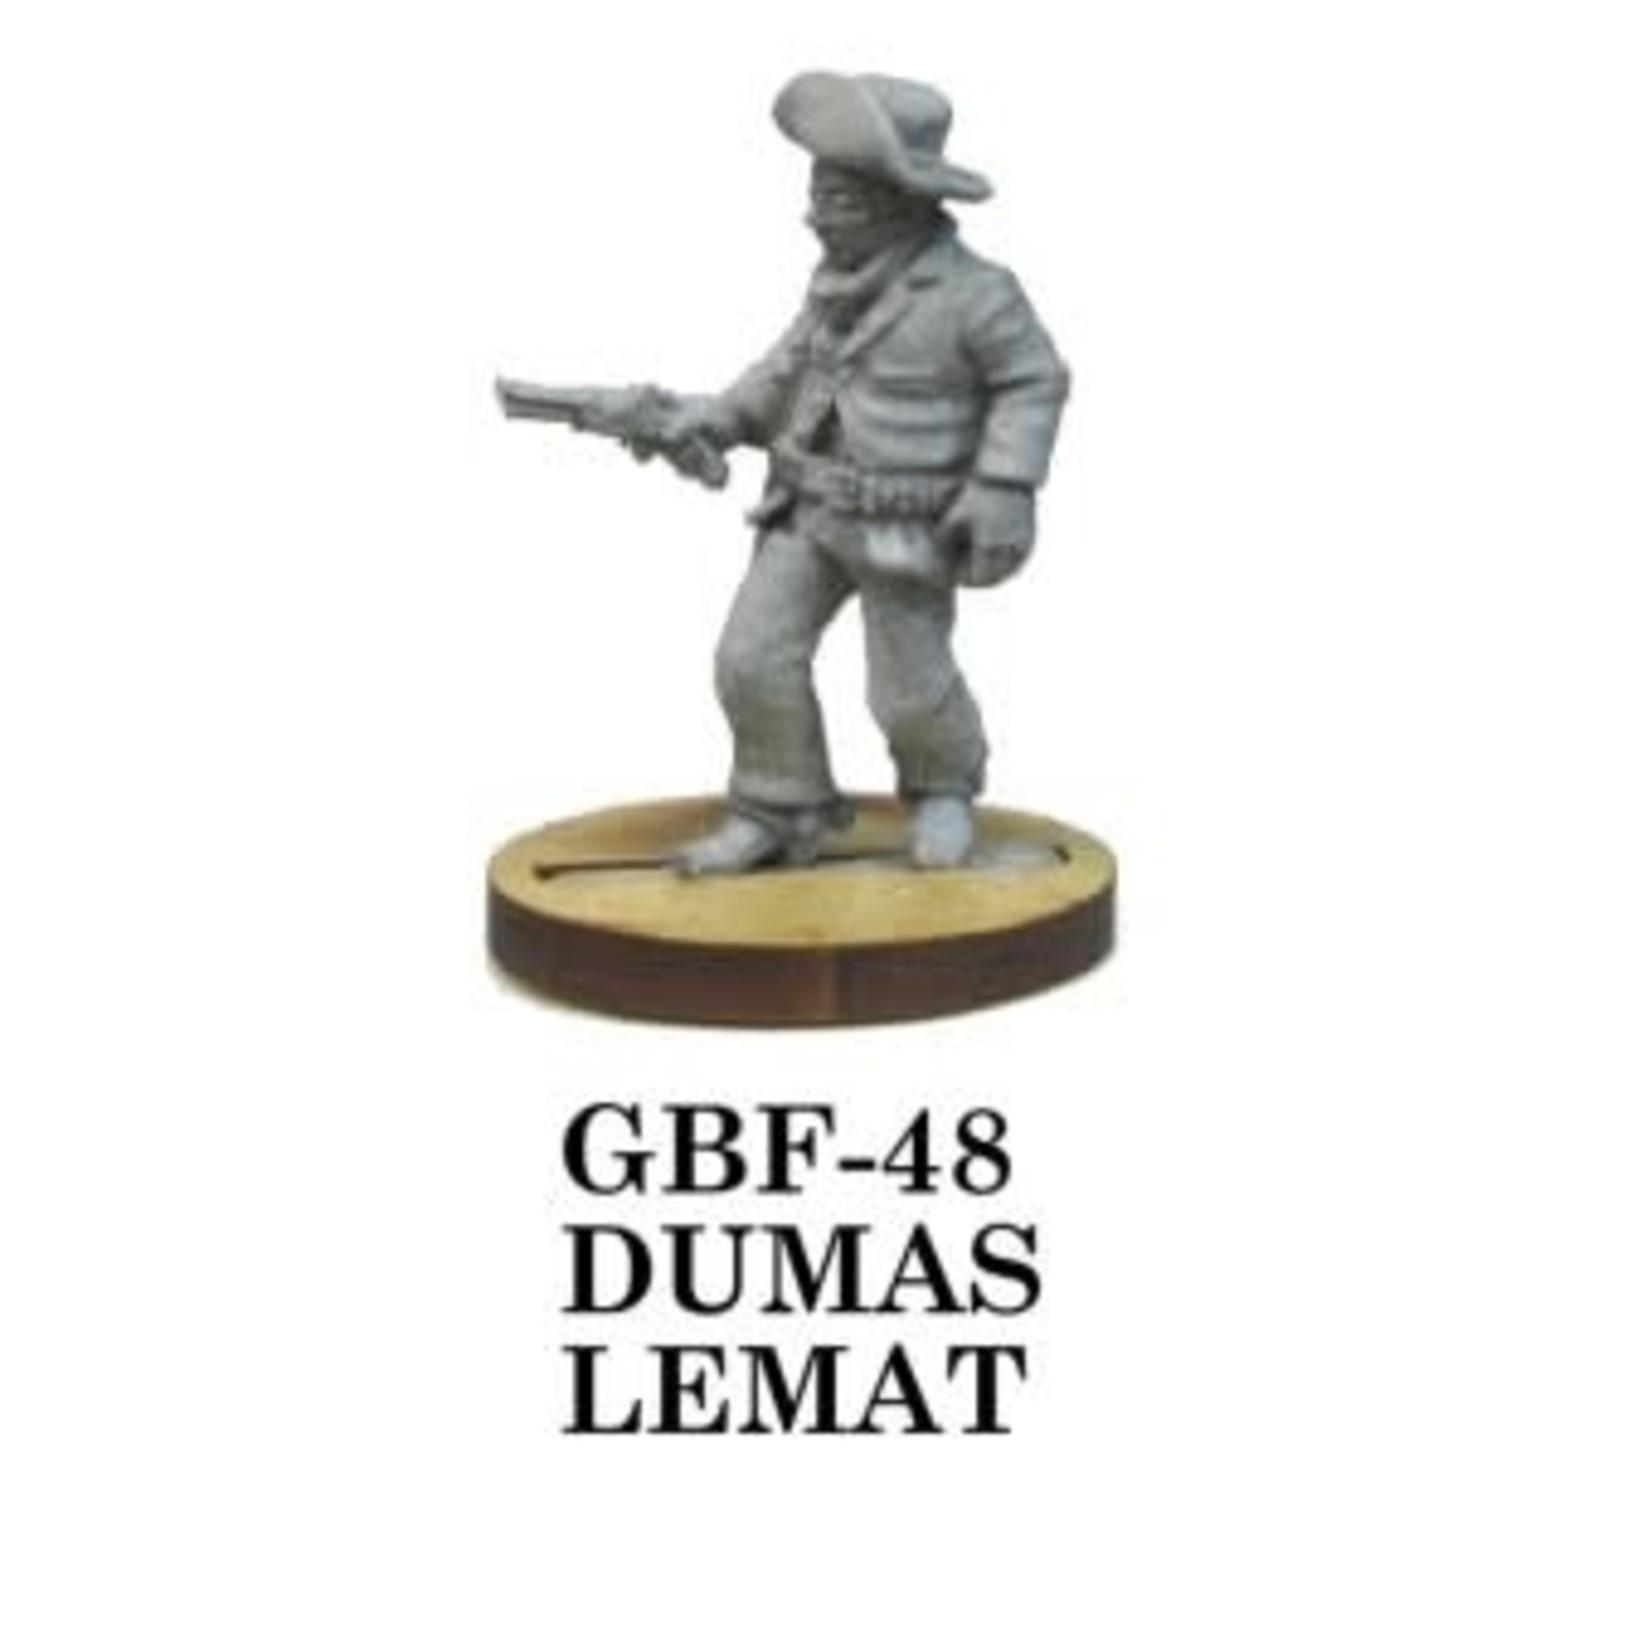 Dumas LeMat